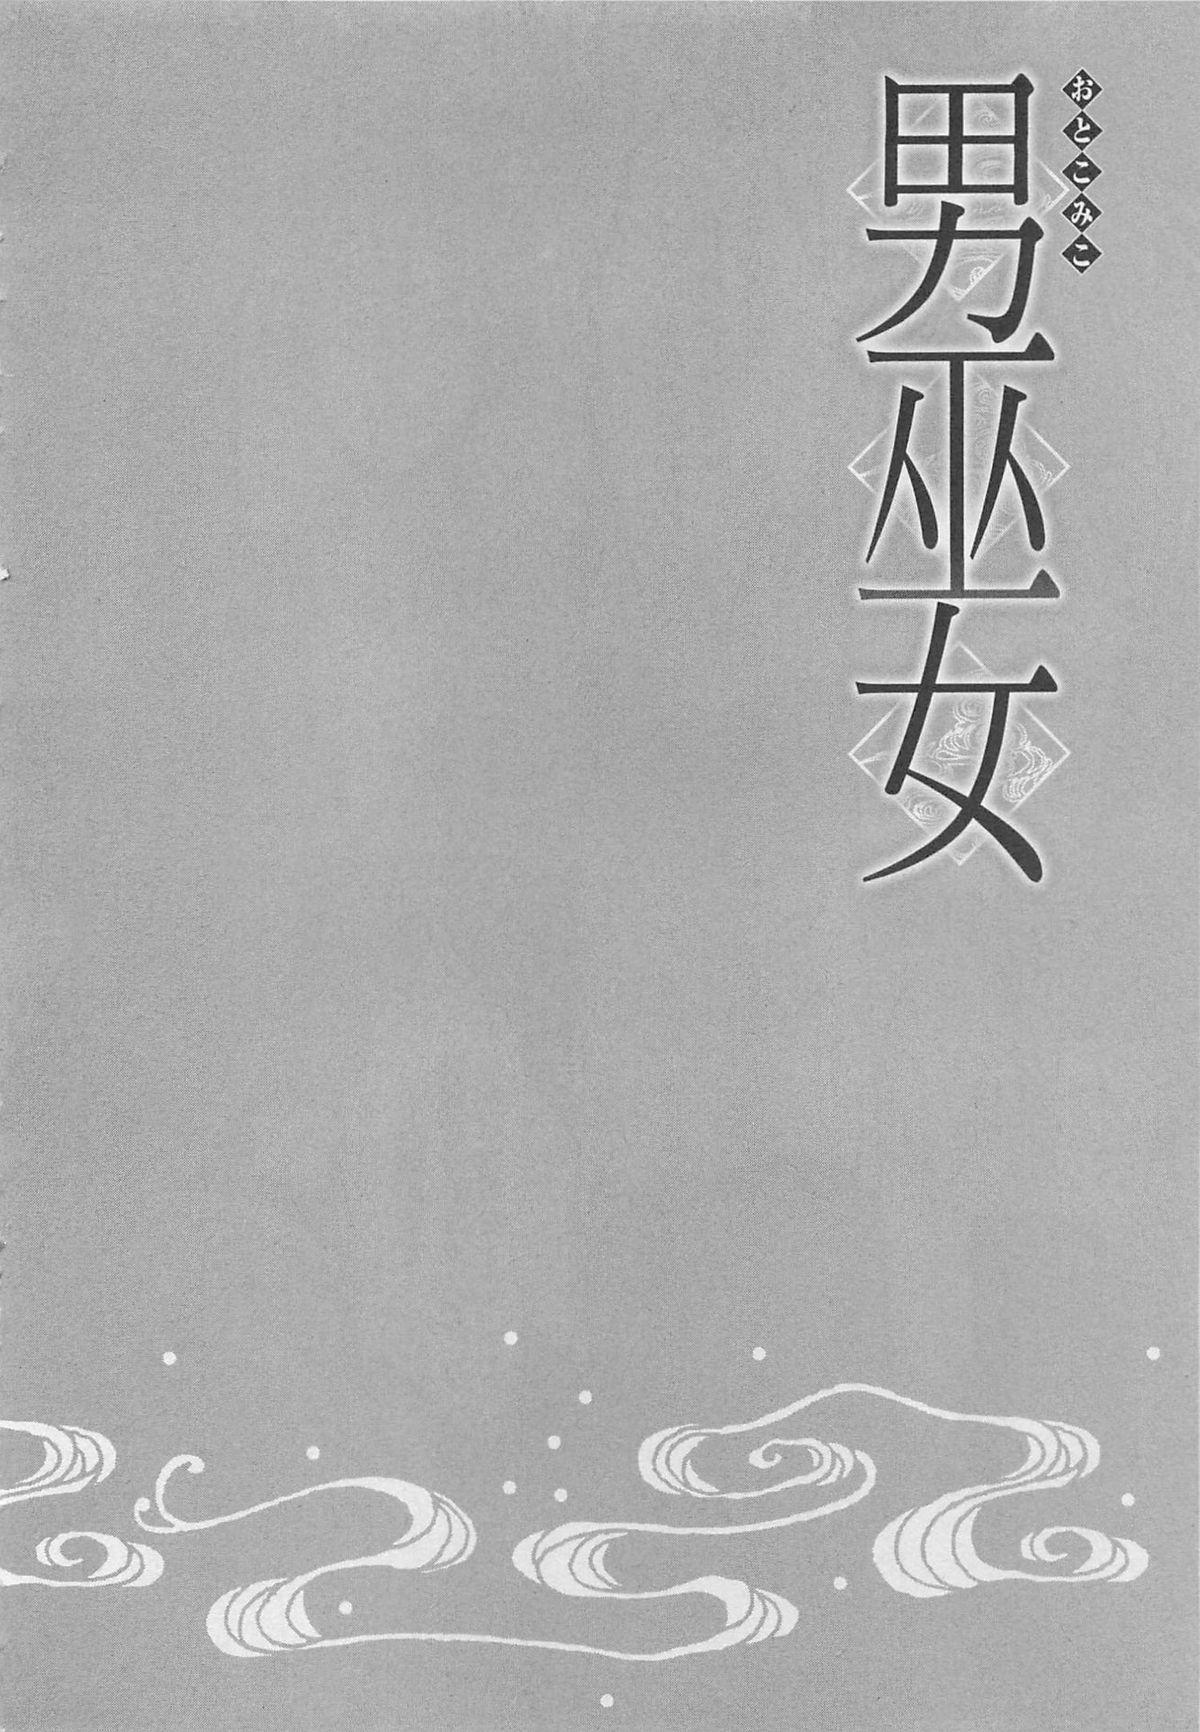 Otoko Miko 72